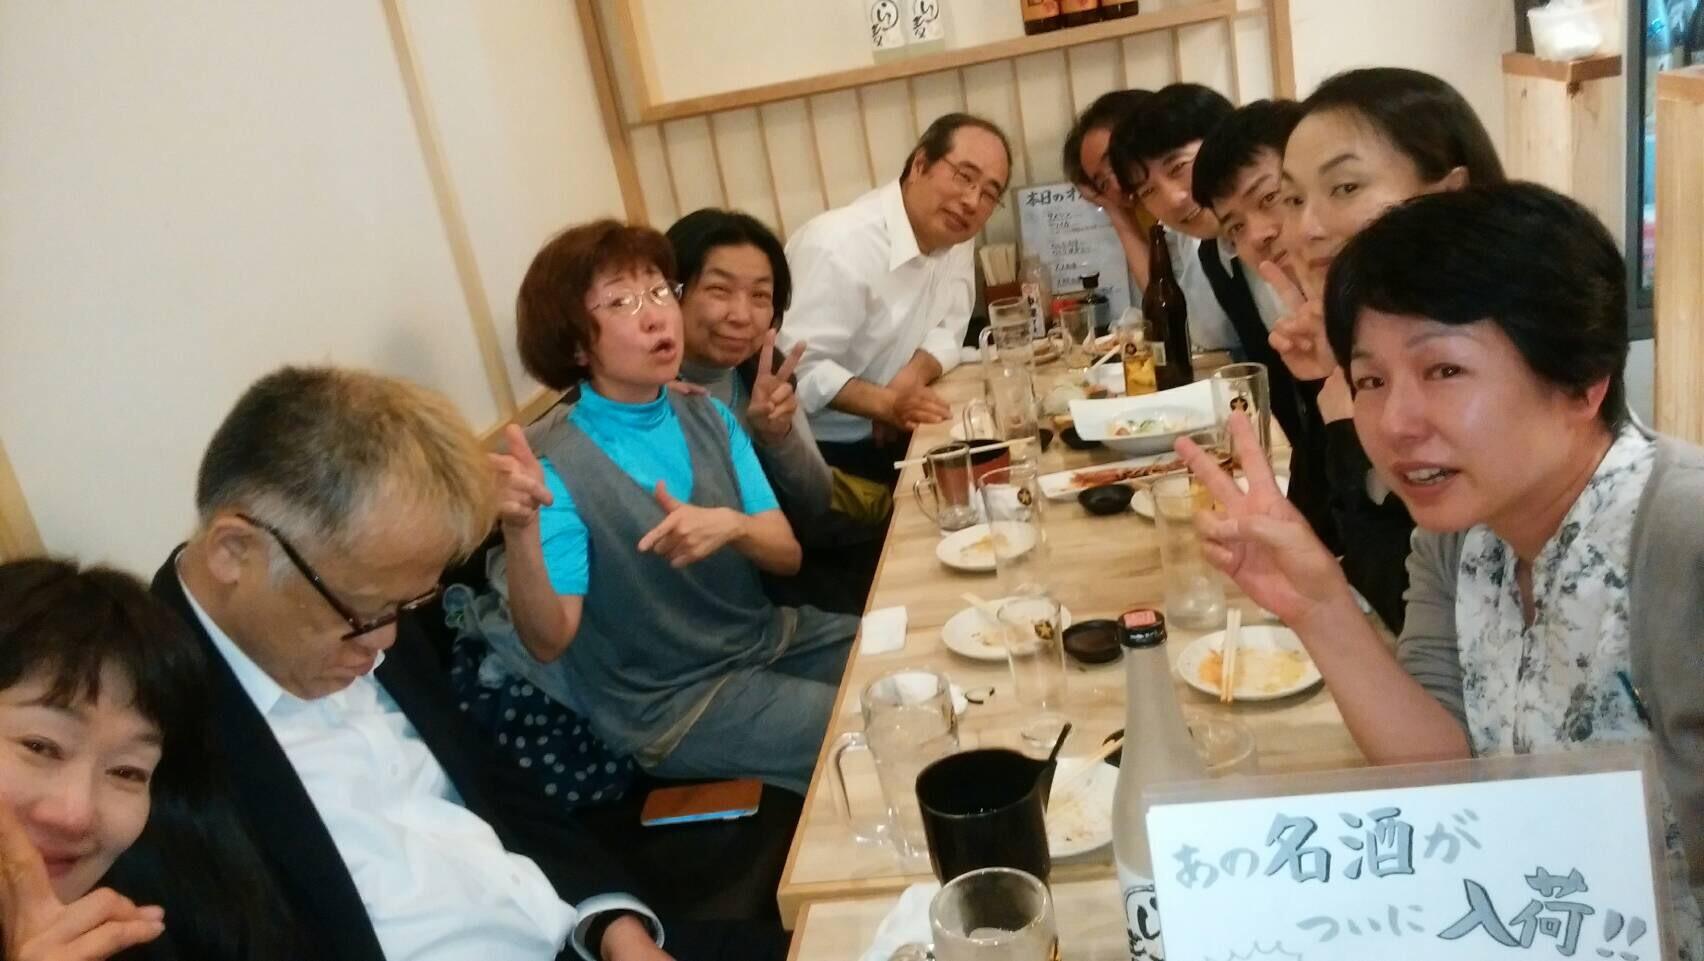 宮本貞子先生のお別れの会_a0163623_22561053.jpg